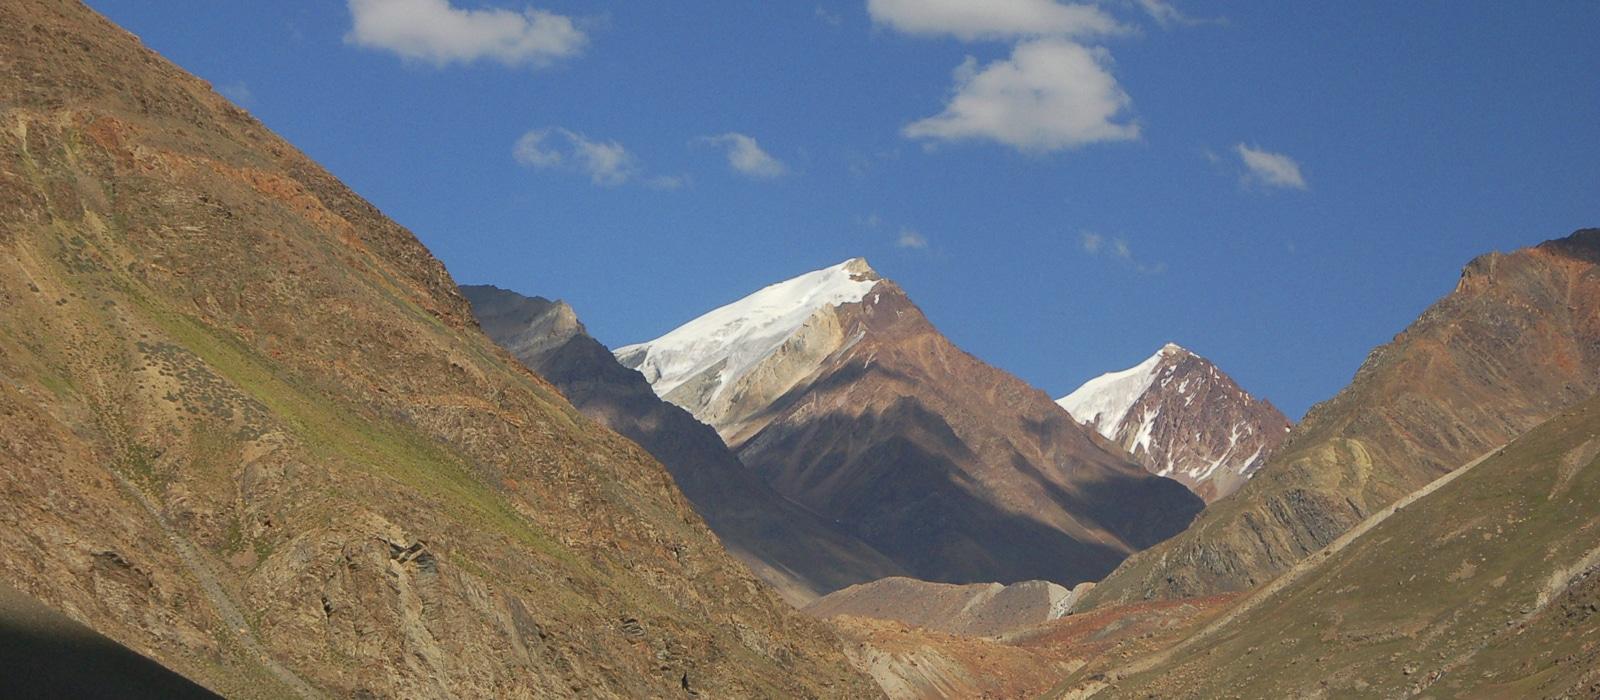 Voyage organisé sur mesure - Spiti Valley - Inde du nord - Agence de voyage Les Routes du Monde